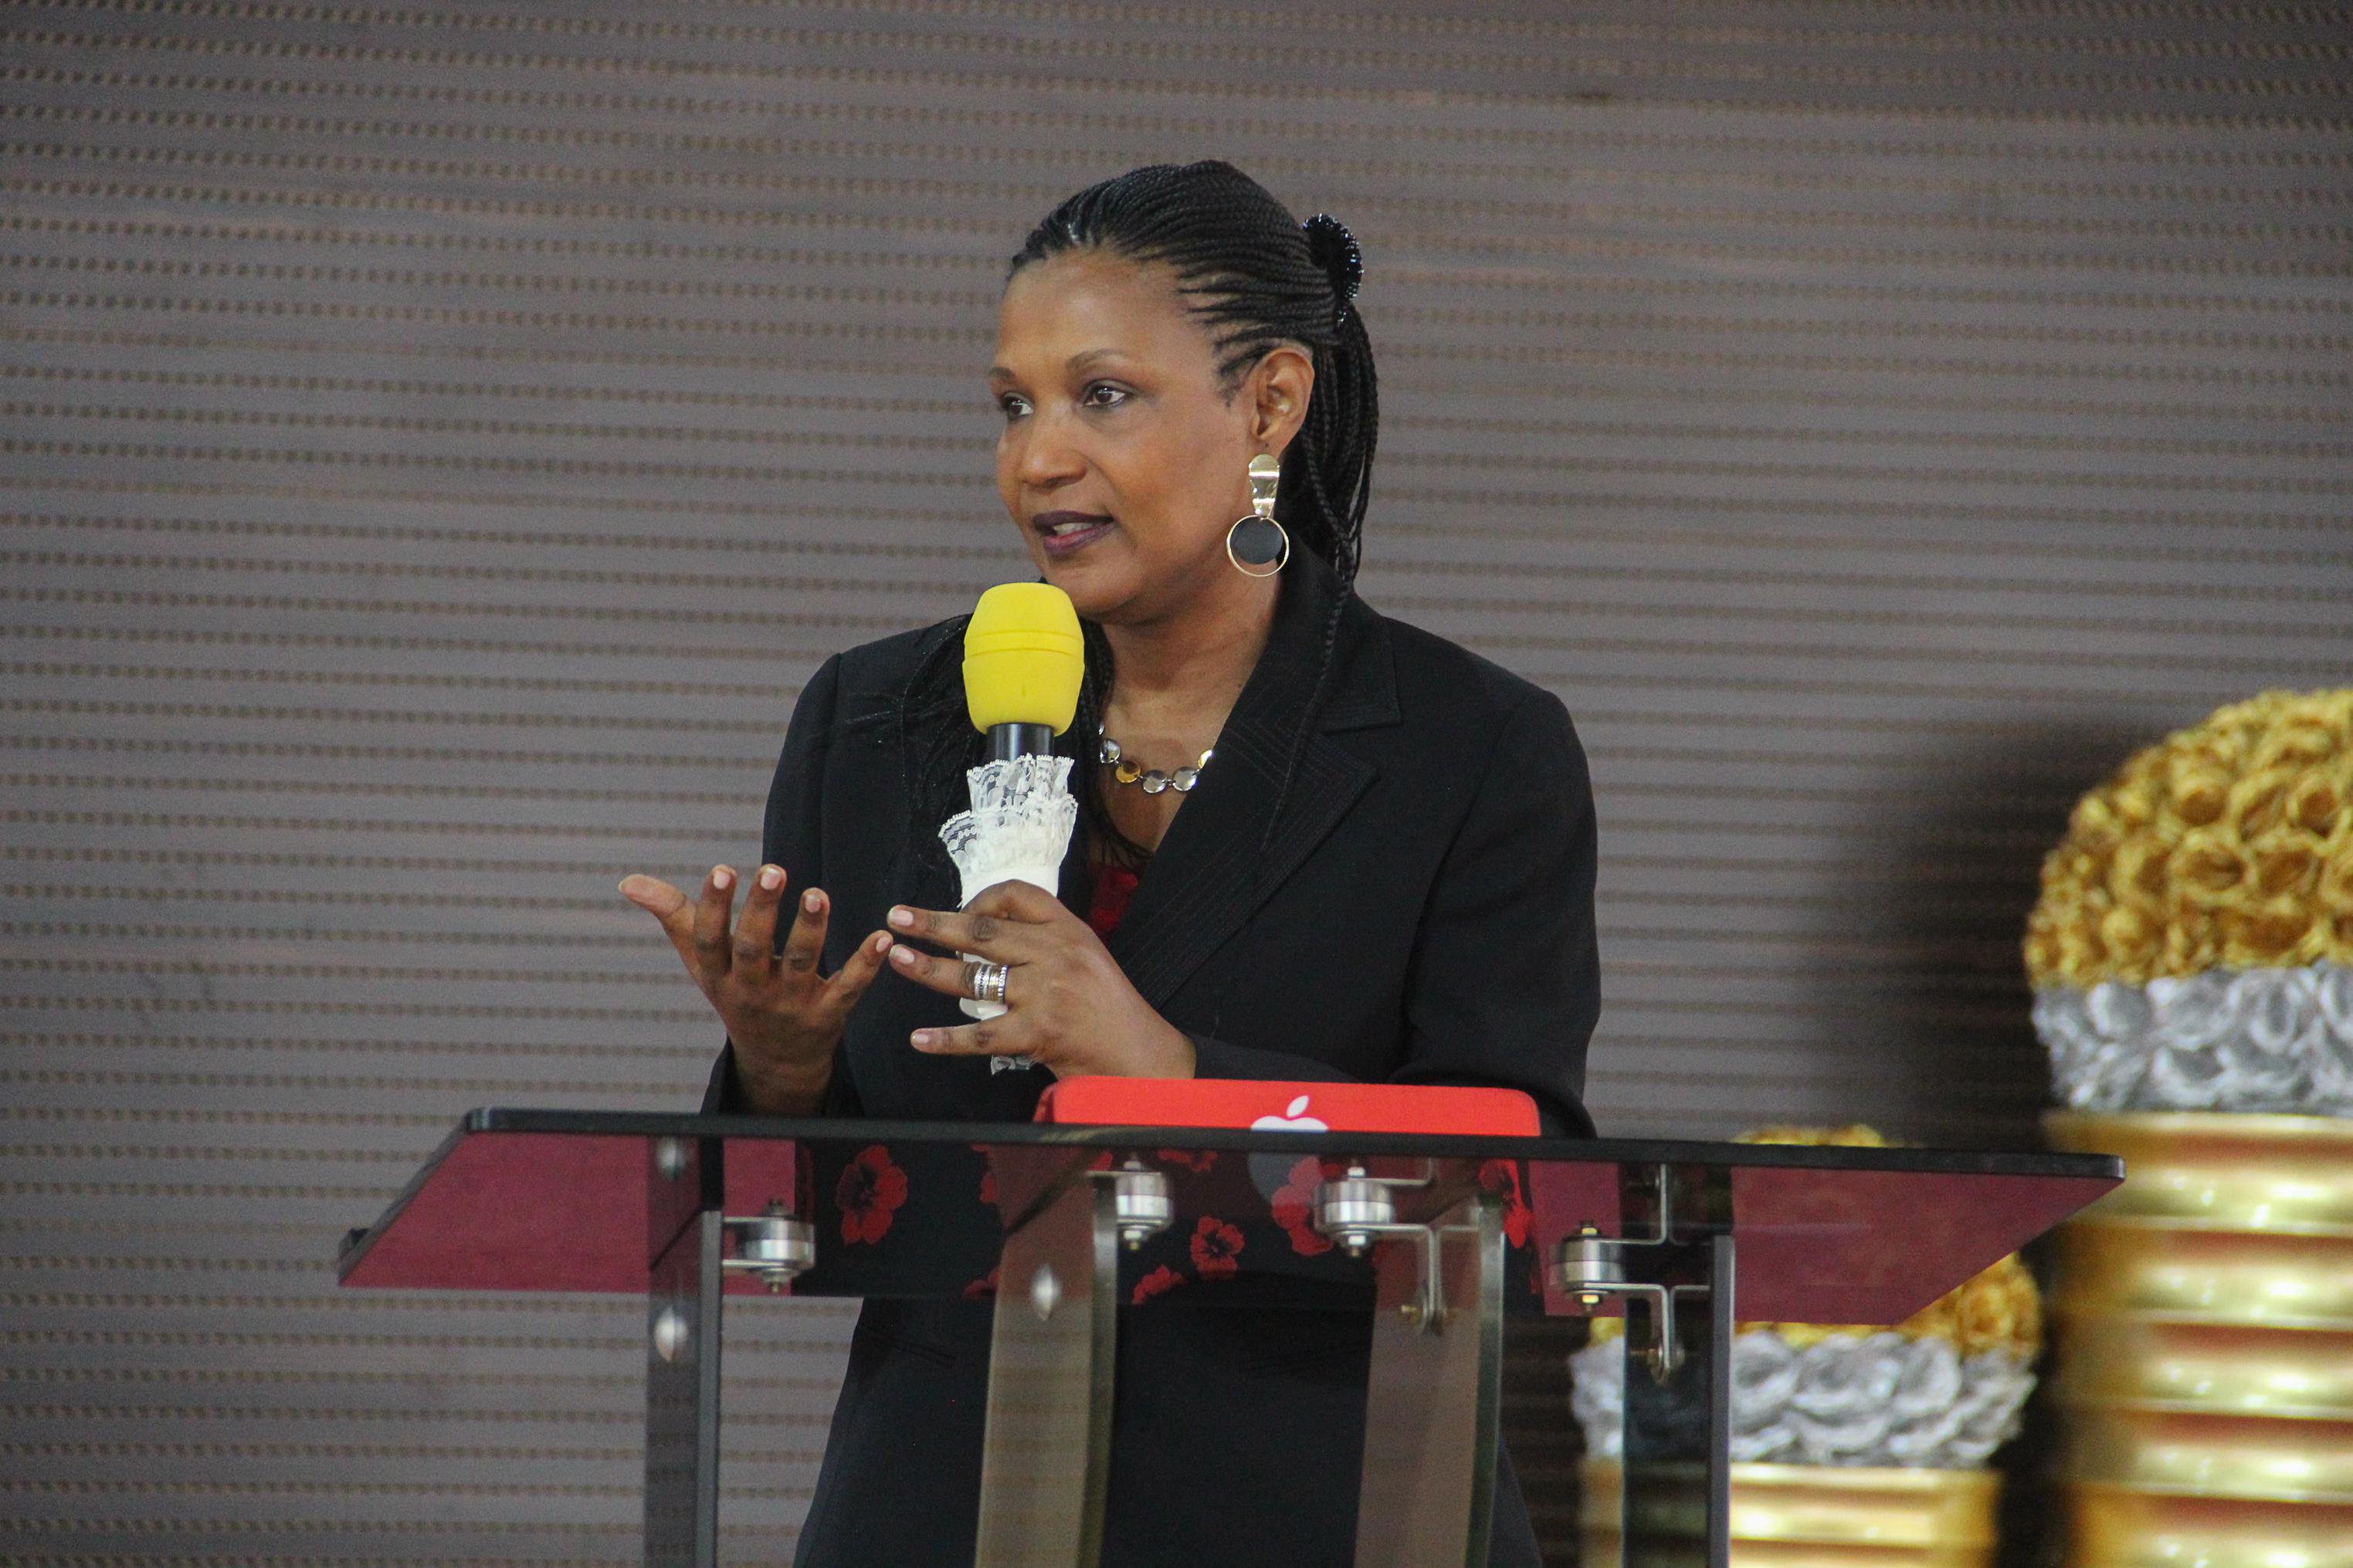 IBYO TWITA UMUGISHA SIBYO IMANA YITA UMUGISHA / WHAT WE CALL A BLESSING IS NOT WHAT GOD CALLS A BLESSING.